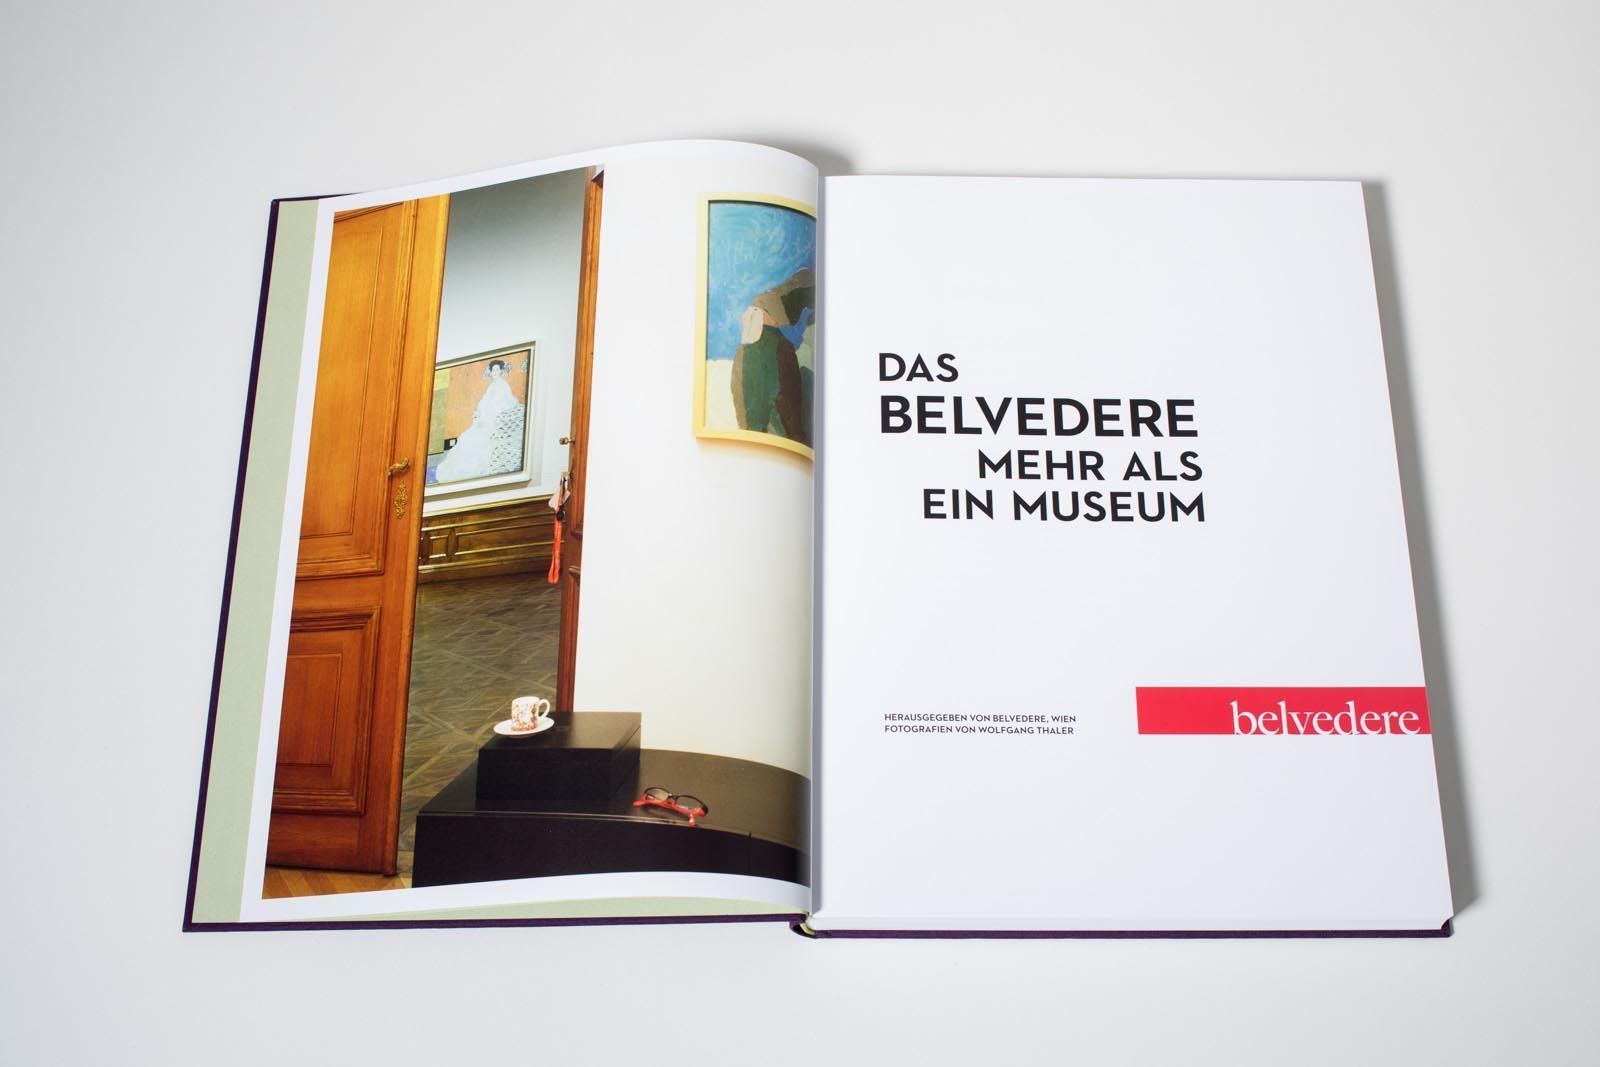 Belvedere - Mehr als ein Museum